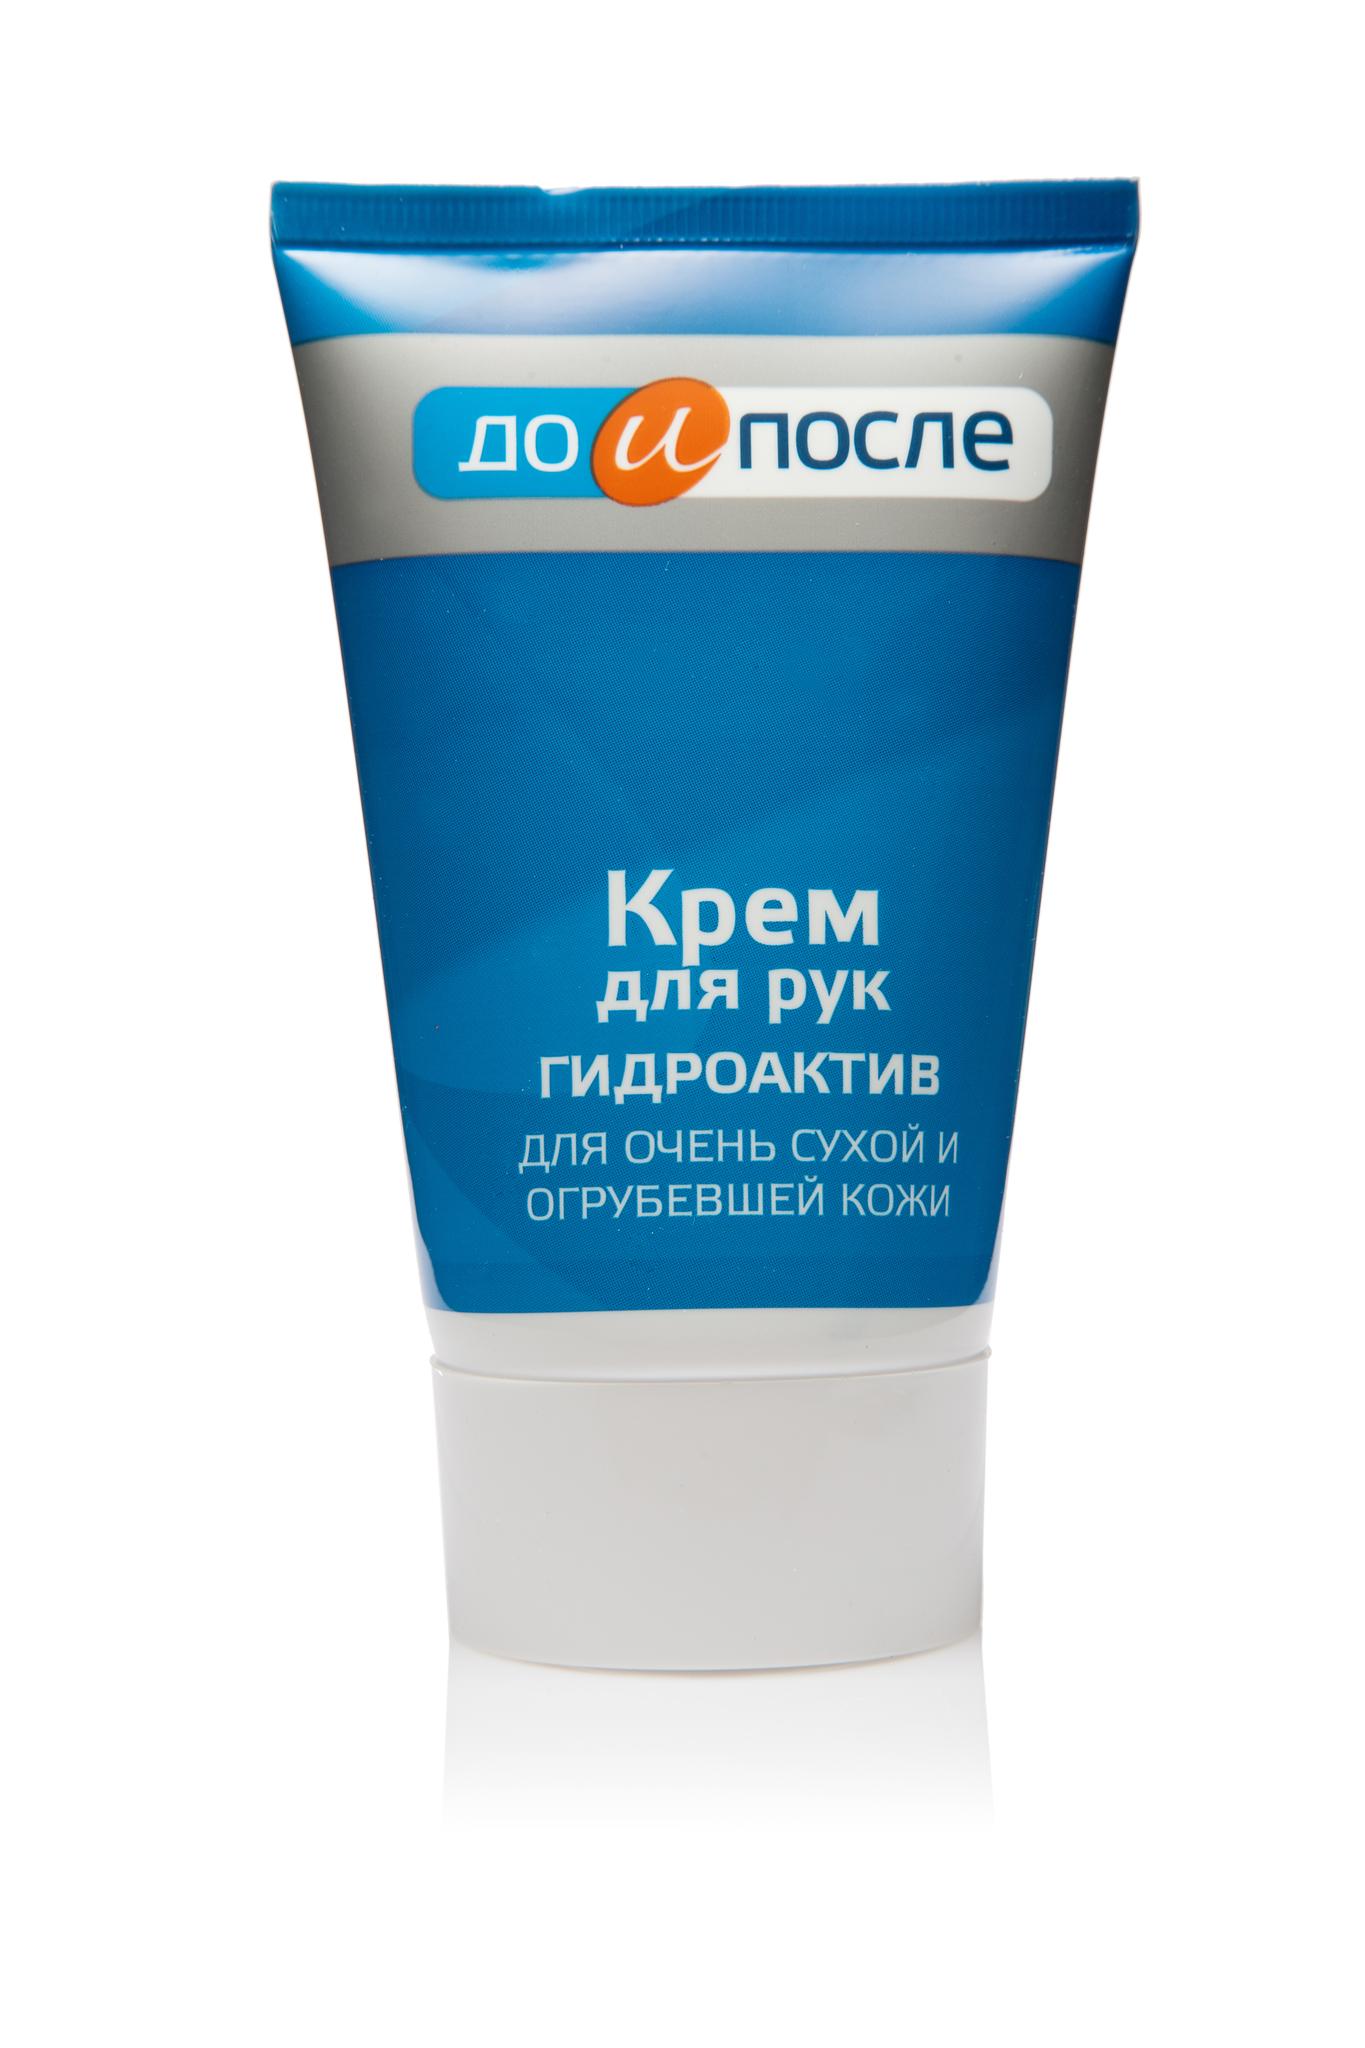 До-и-после крем Гидроактив от сухой кожи 50 мл.